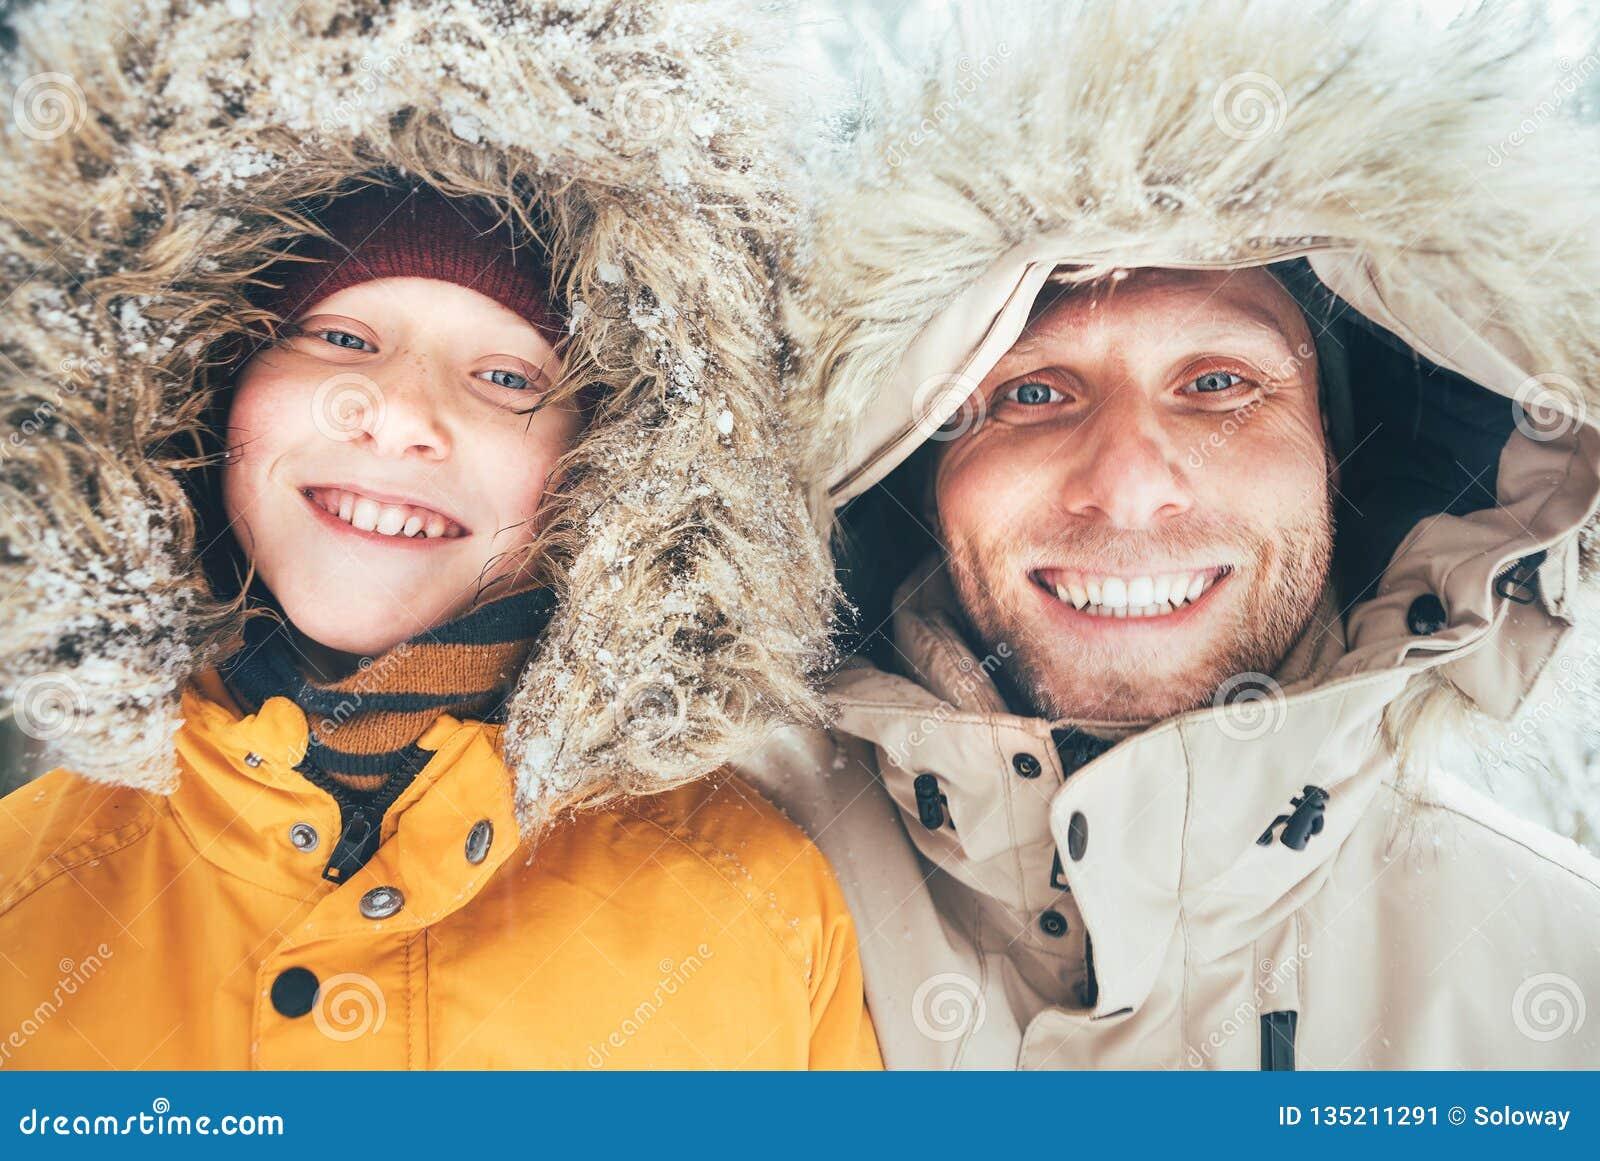 De vader en de zoon kleedden zich in de Warme Toevallige Bovenkleding Met een kap van het Parkajasje lopend in sneeuw bos vrolijk